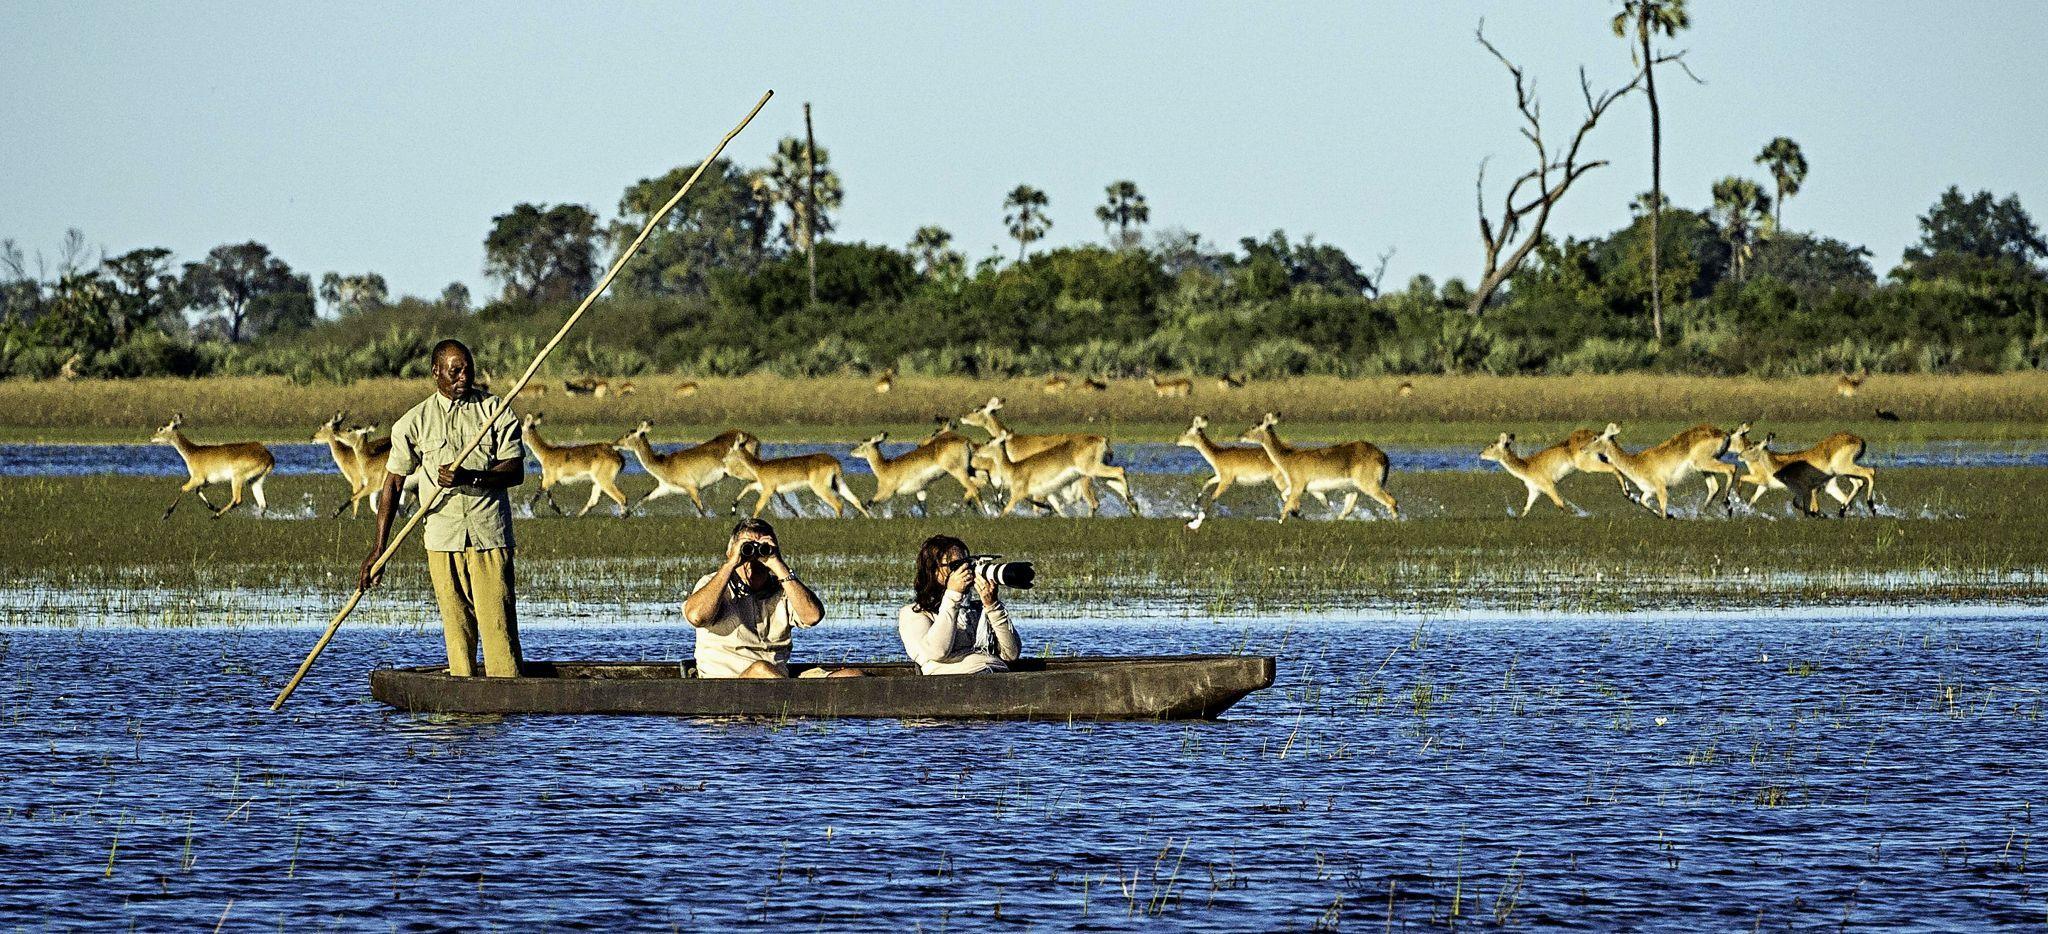 Fotosafari mit einem Kanu im Okavango Delta, Botsuana